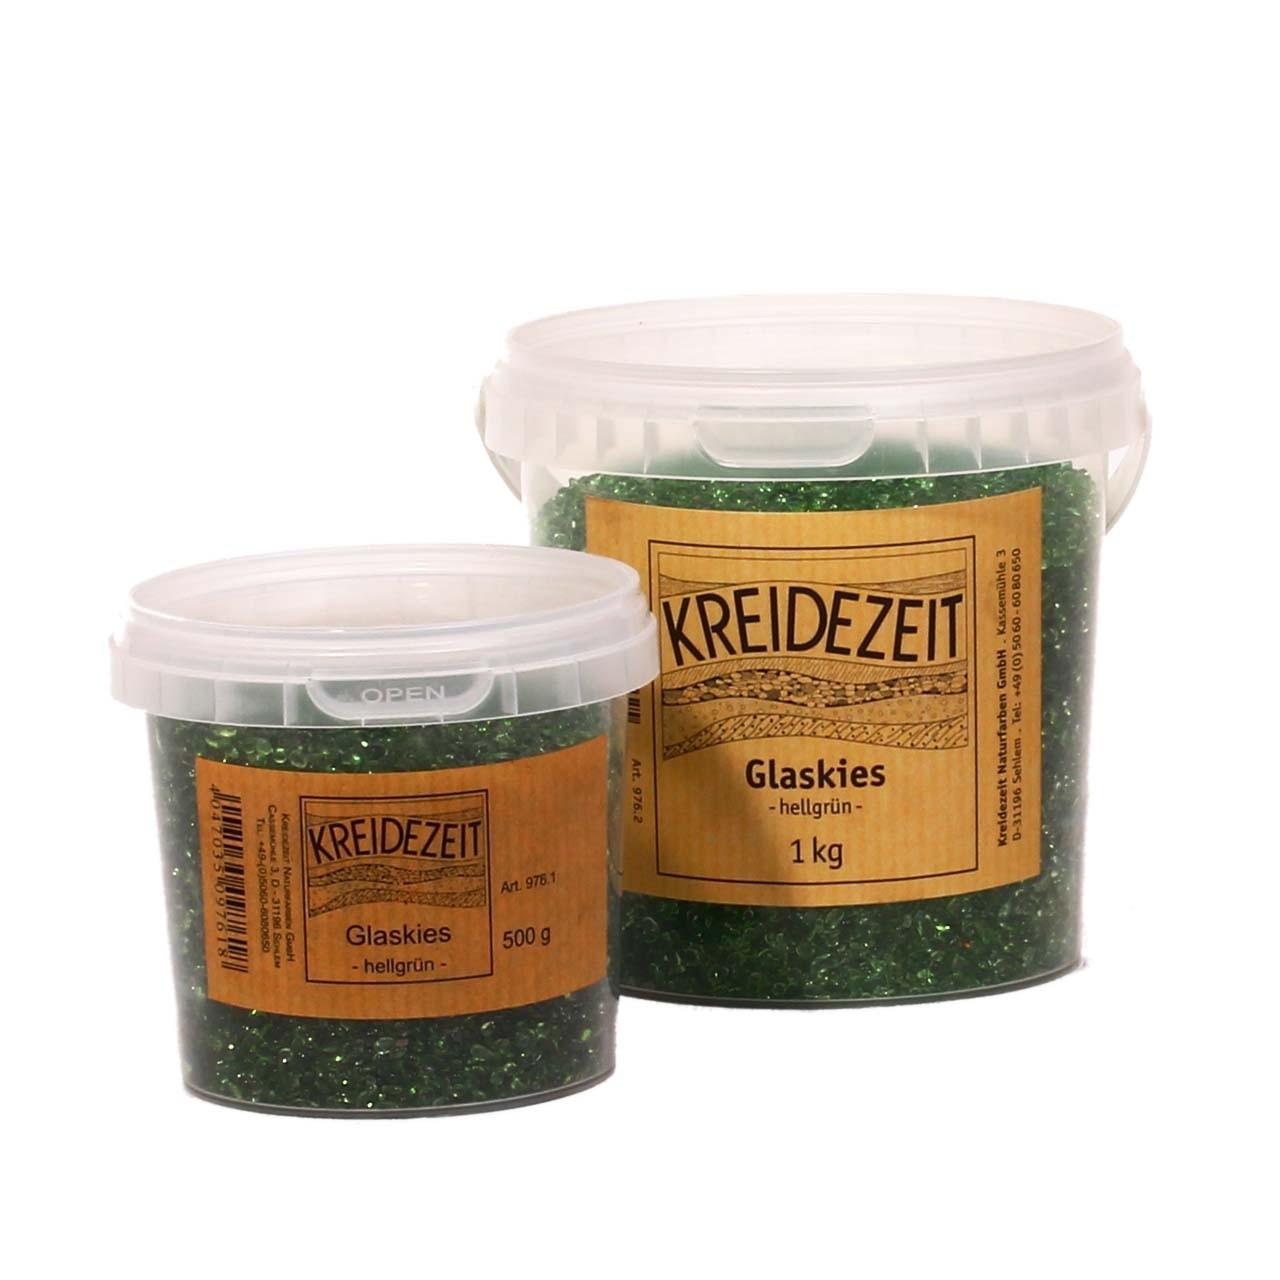 Glaskies hellgrün 1 kg